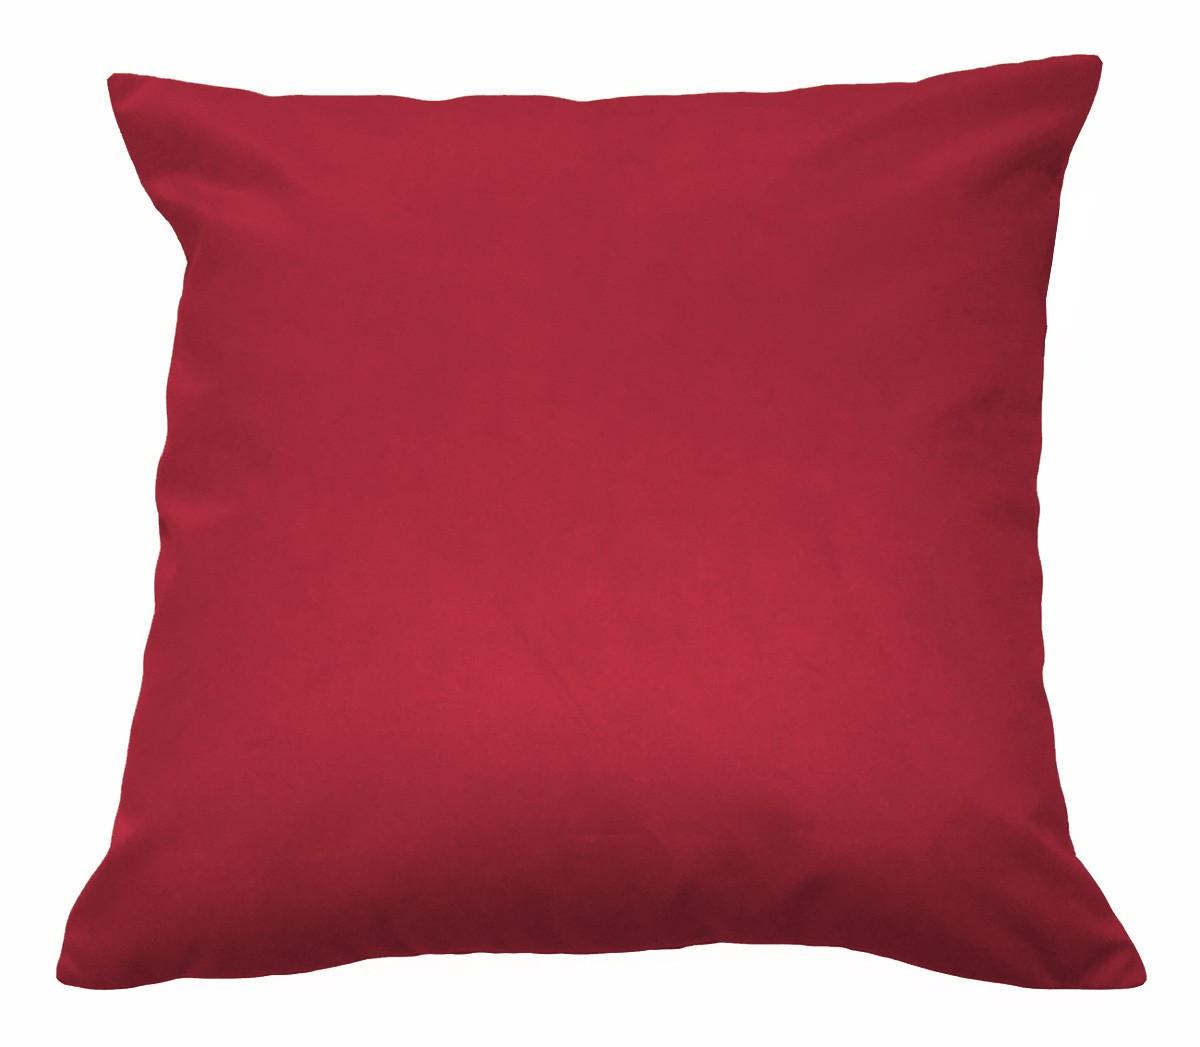 Almofada Decorativa 40x40 Tecido Suede Vermelho